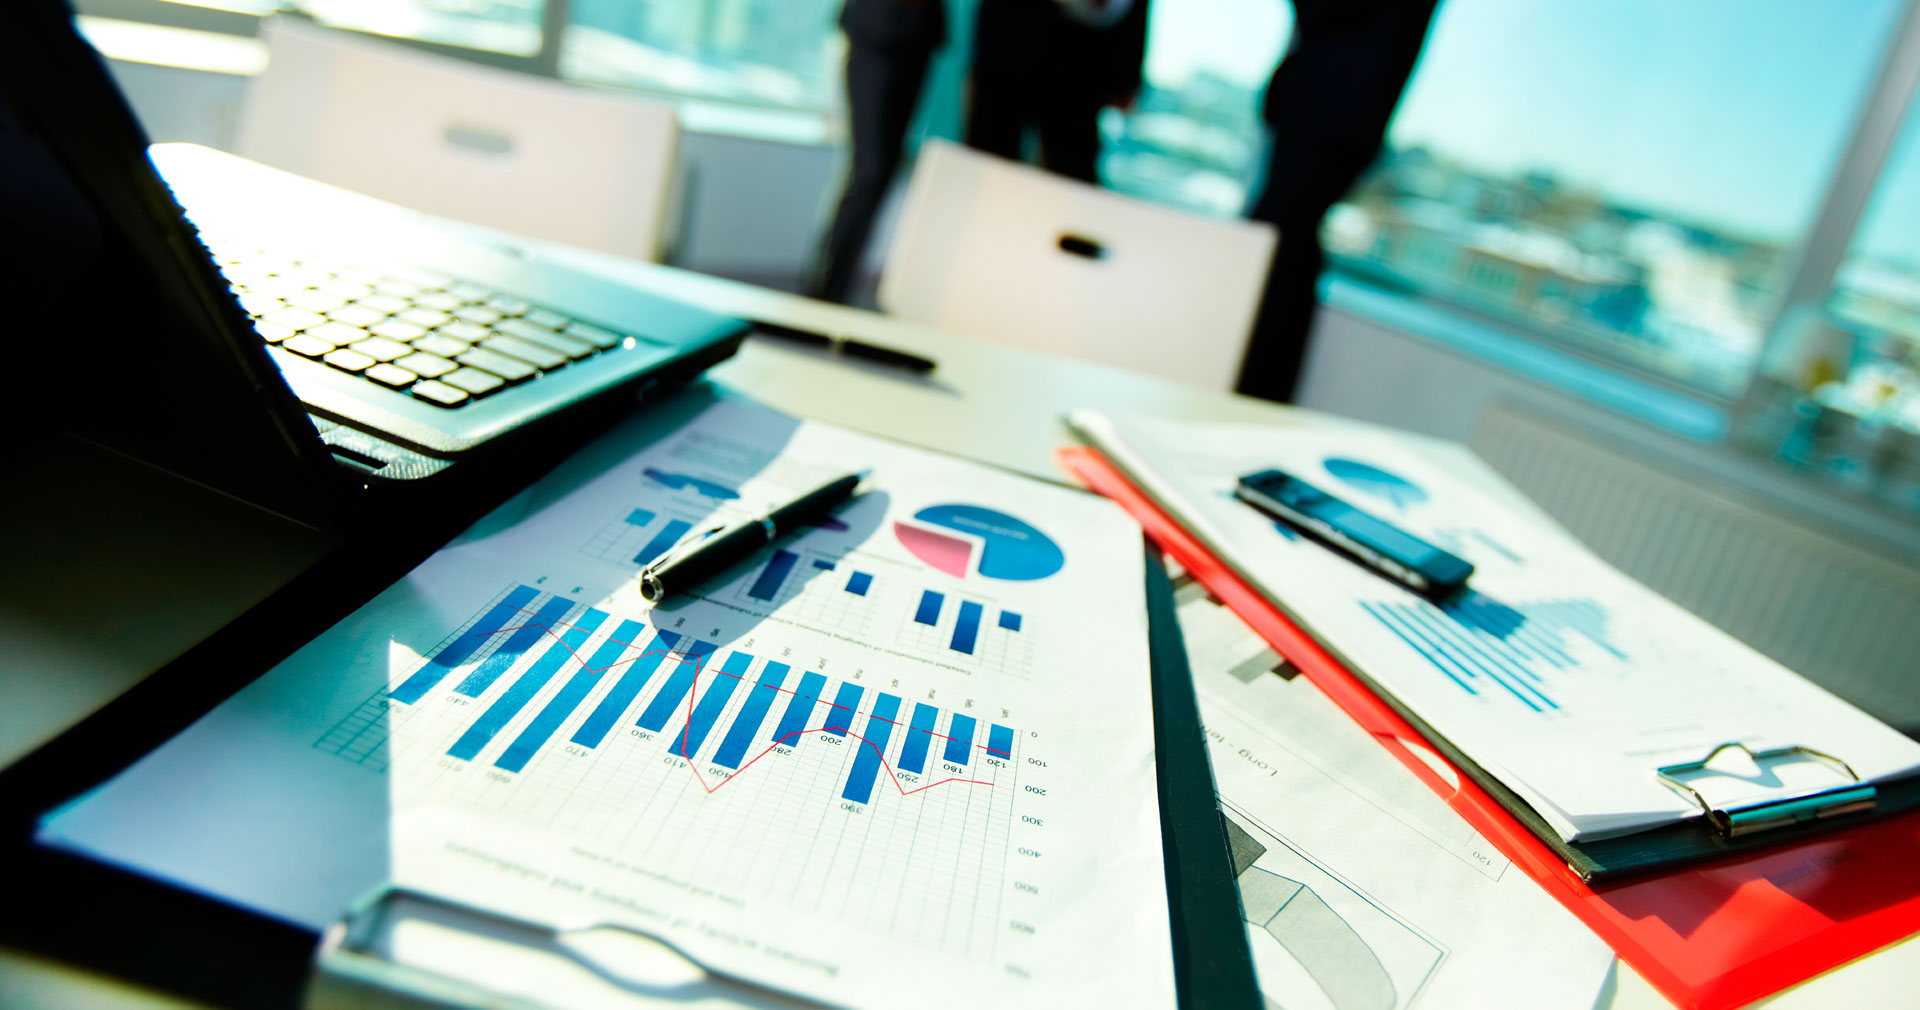 Начало бизнеса: поиск спонсоров и оценка рентабельности